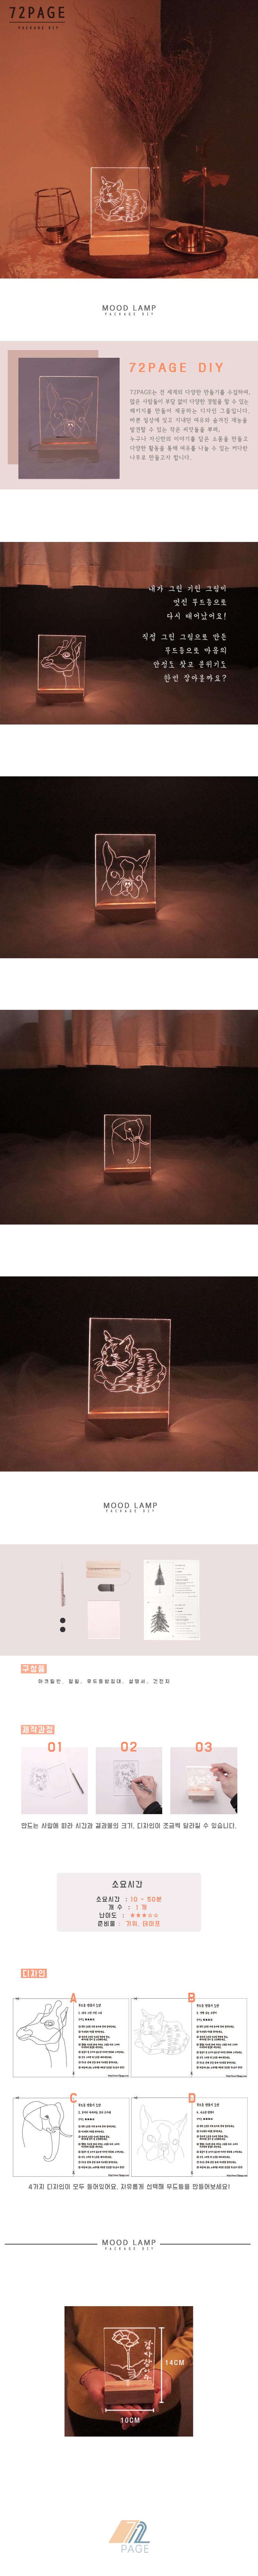 동물 아크릴 무드등 만들기 패키지 DIY - 72페이지, 24,000원, 우드공예, 우드공예 패키지